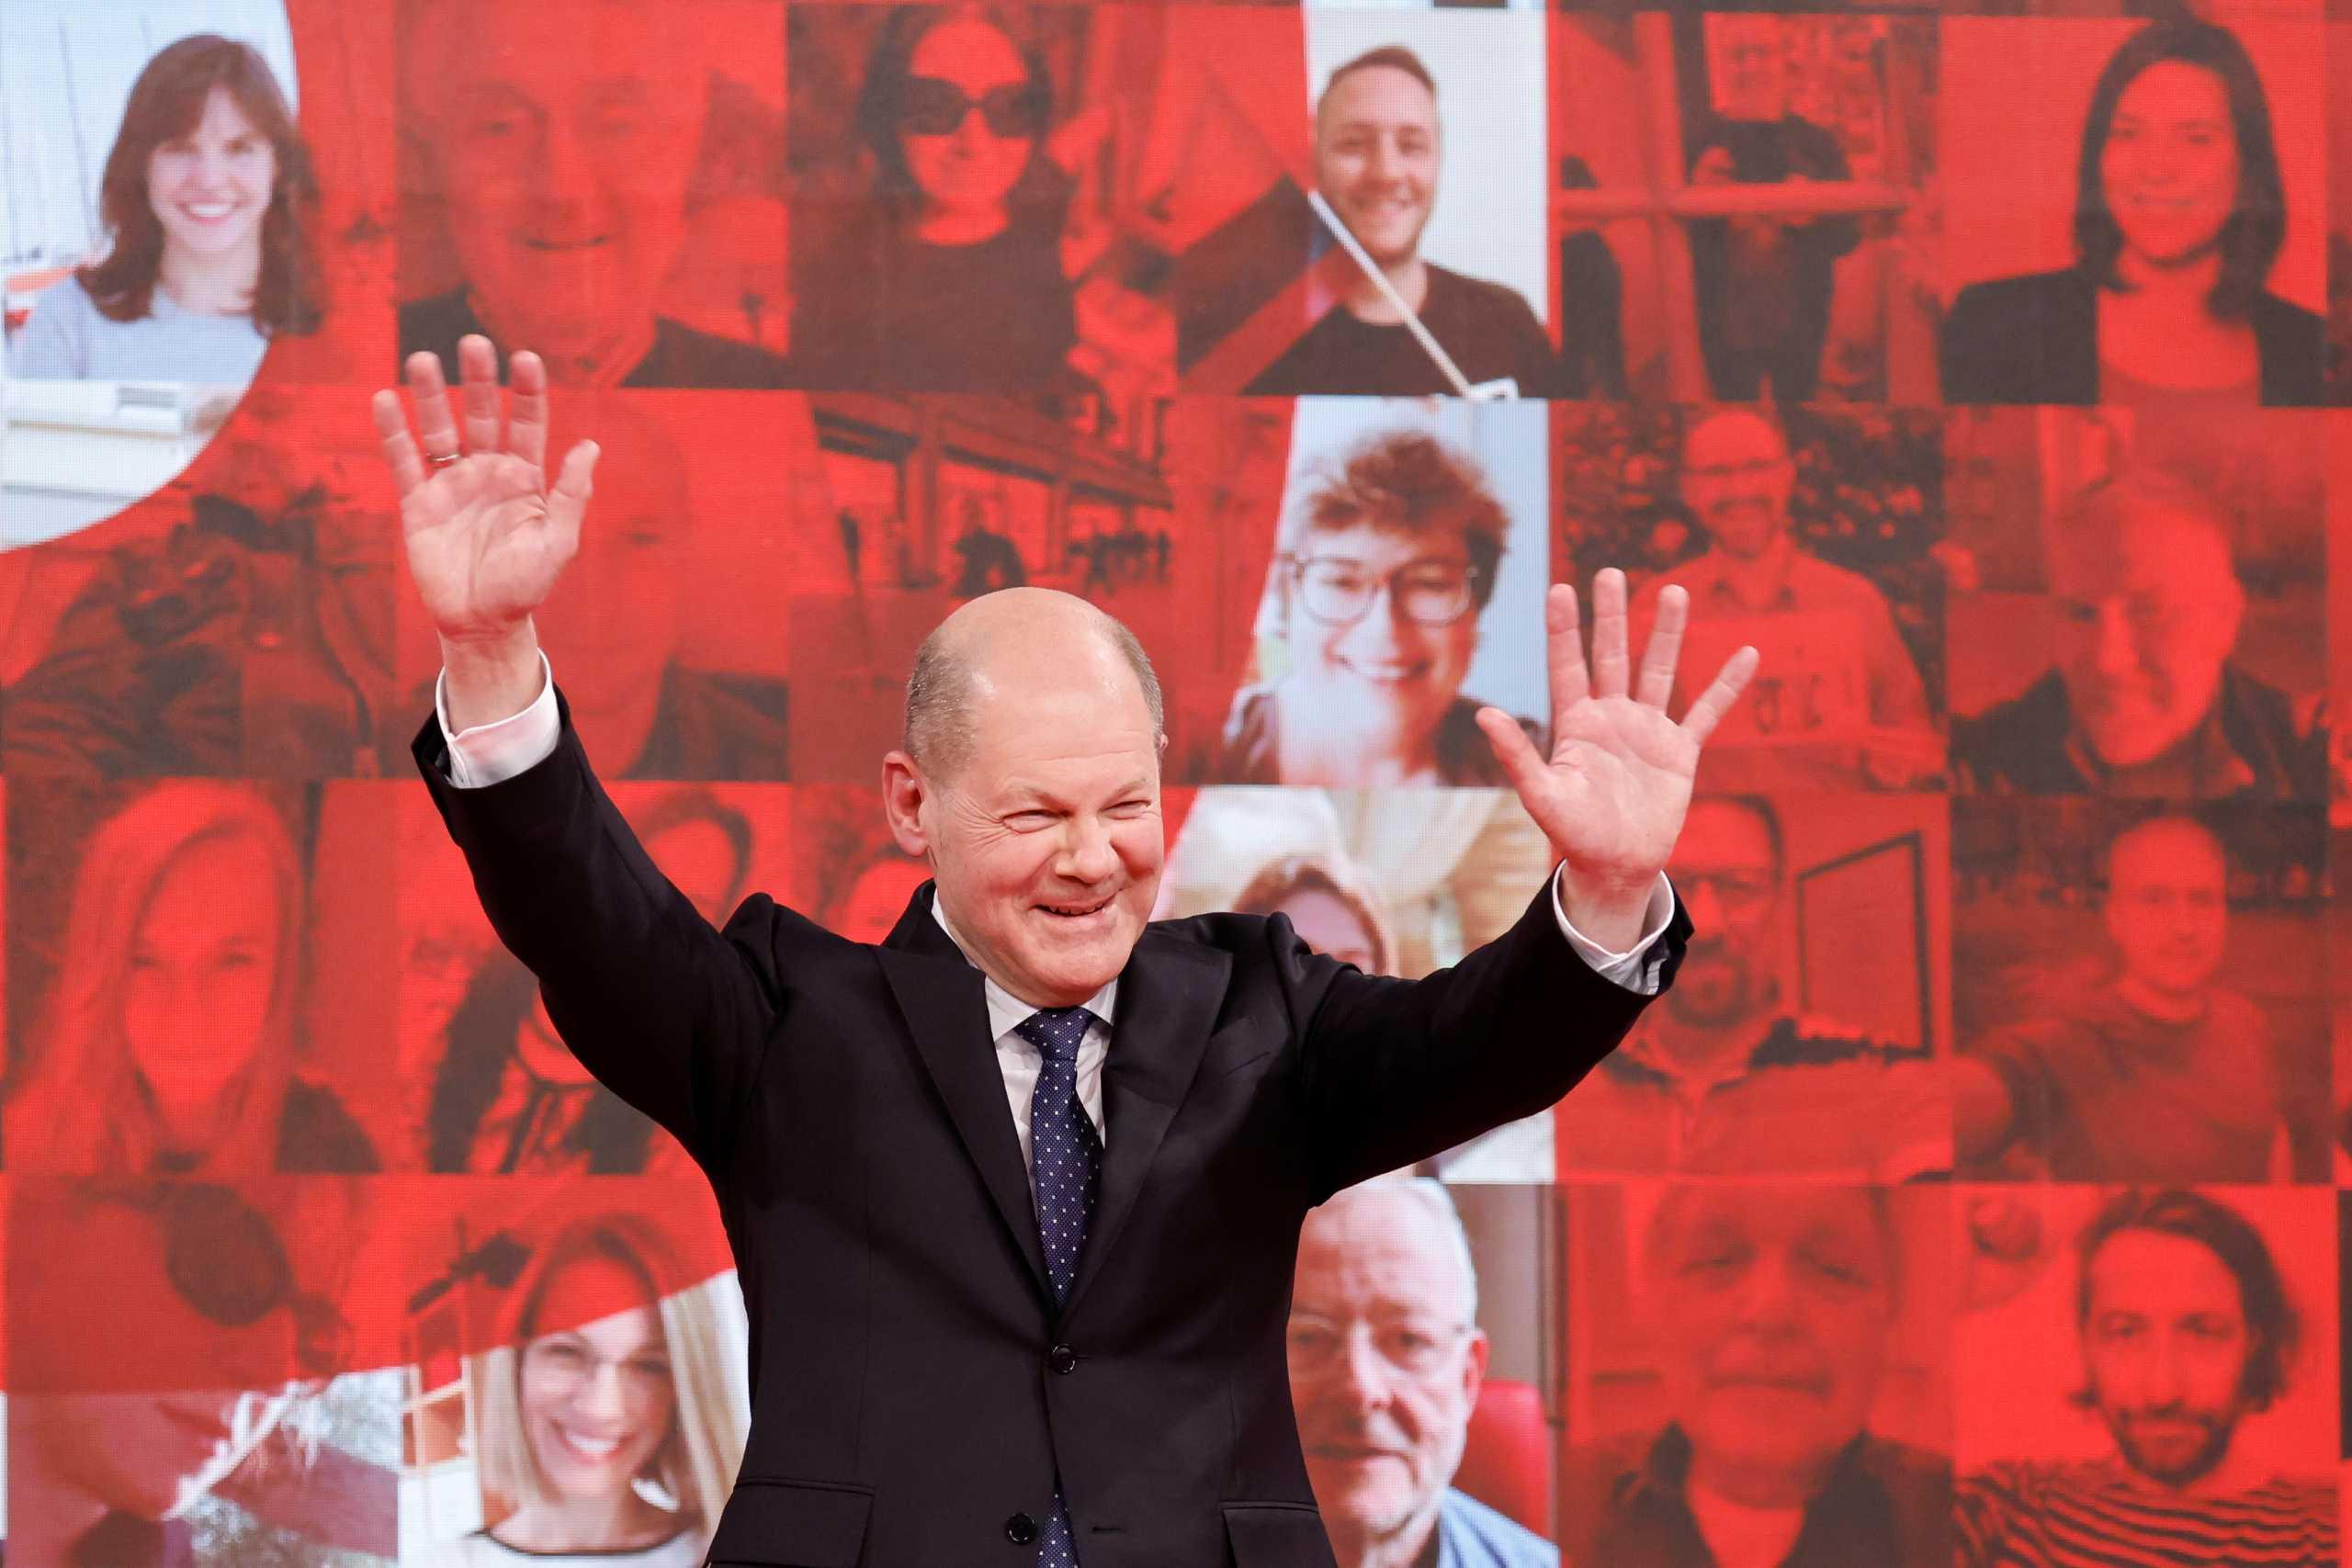 Γερμανικές εκλογές – SPD: Οι σοσιαλδημοκράτες του Όλαφ Σολτς προηγούνται στις δημοσκοπήσεις